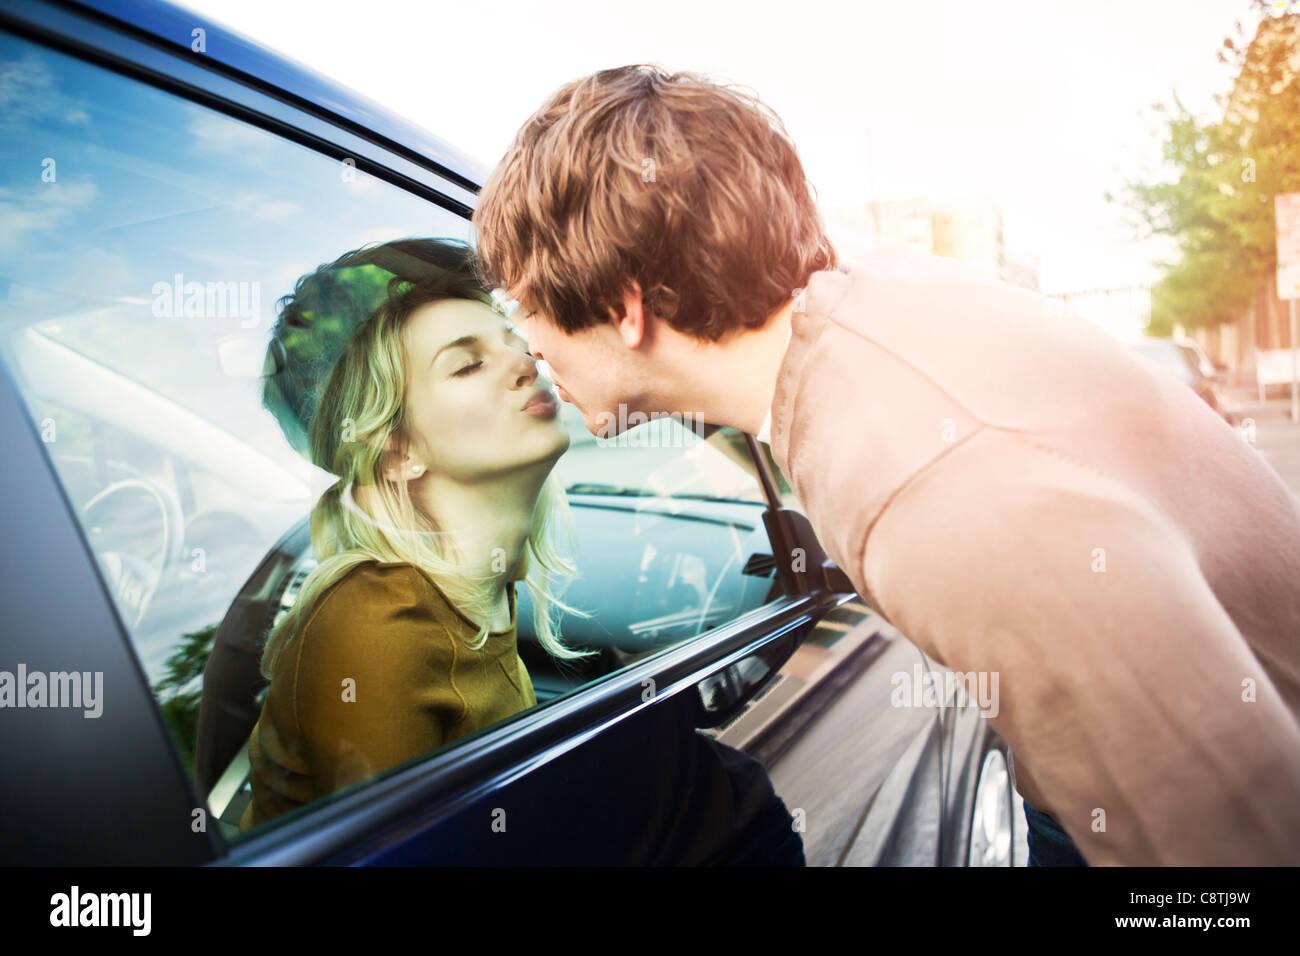 Estados Unidos, Washington, Seattle, jovem casal beijando através da janela do carro Imagens de Stock